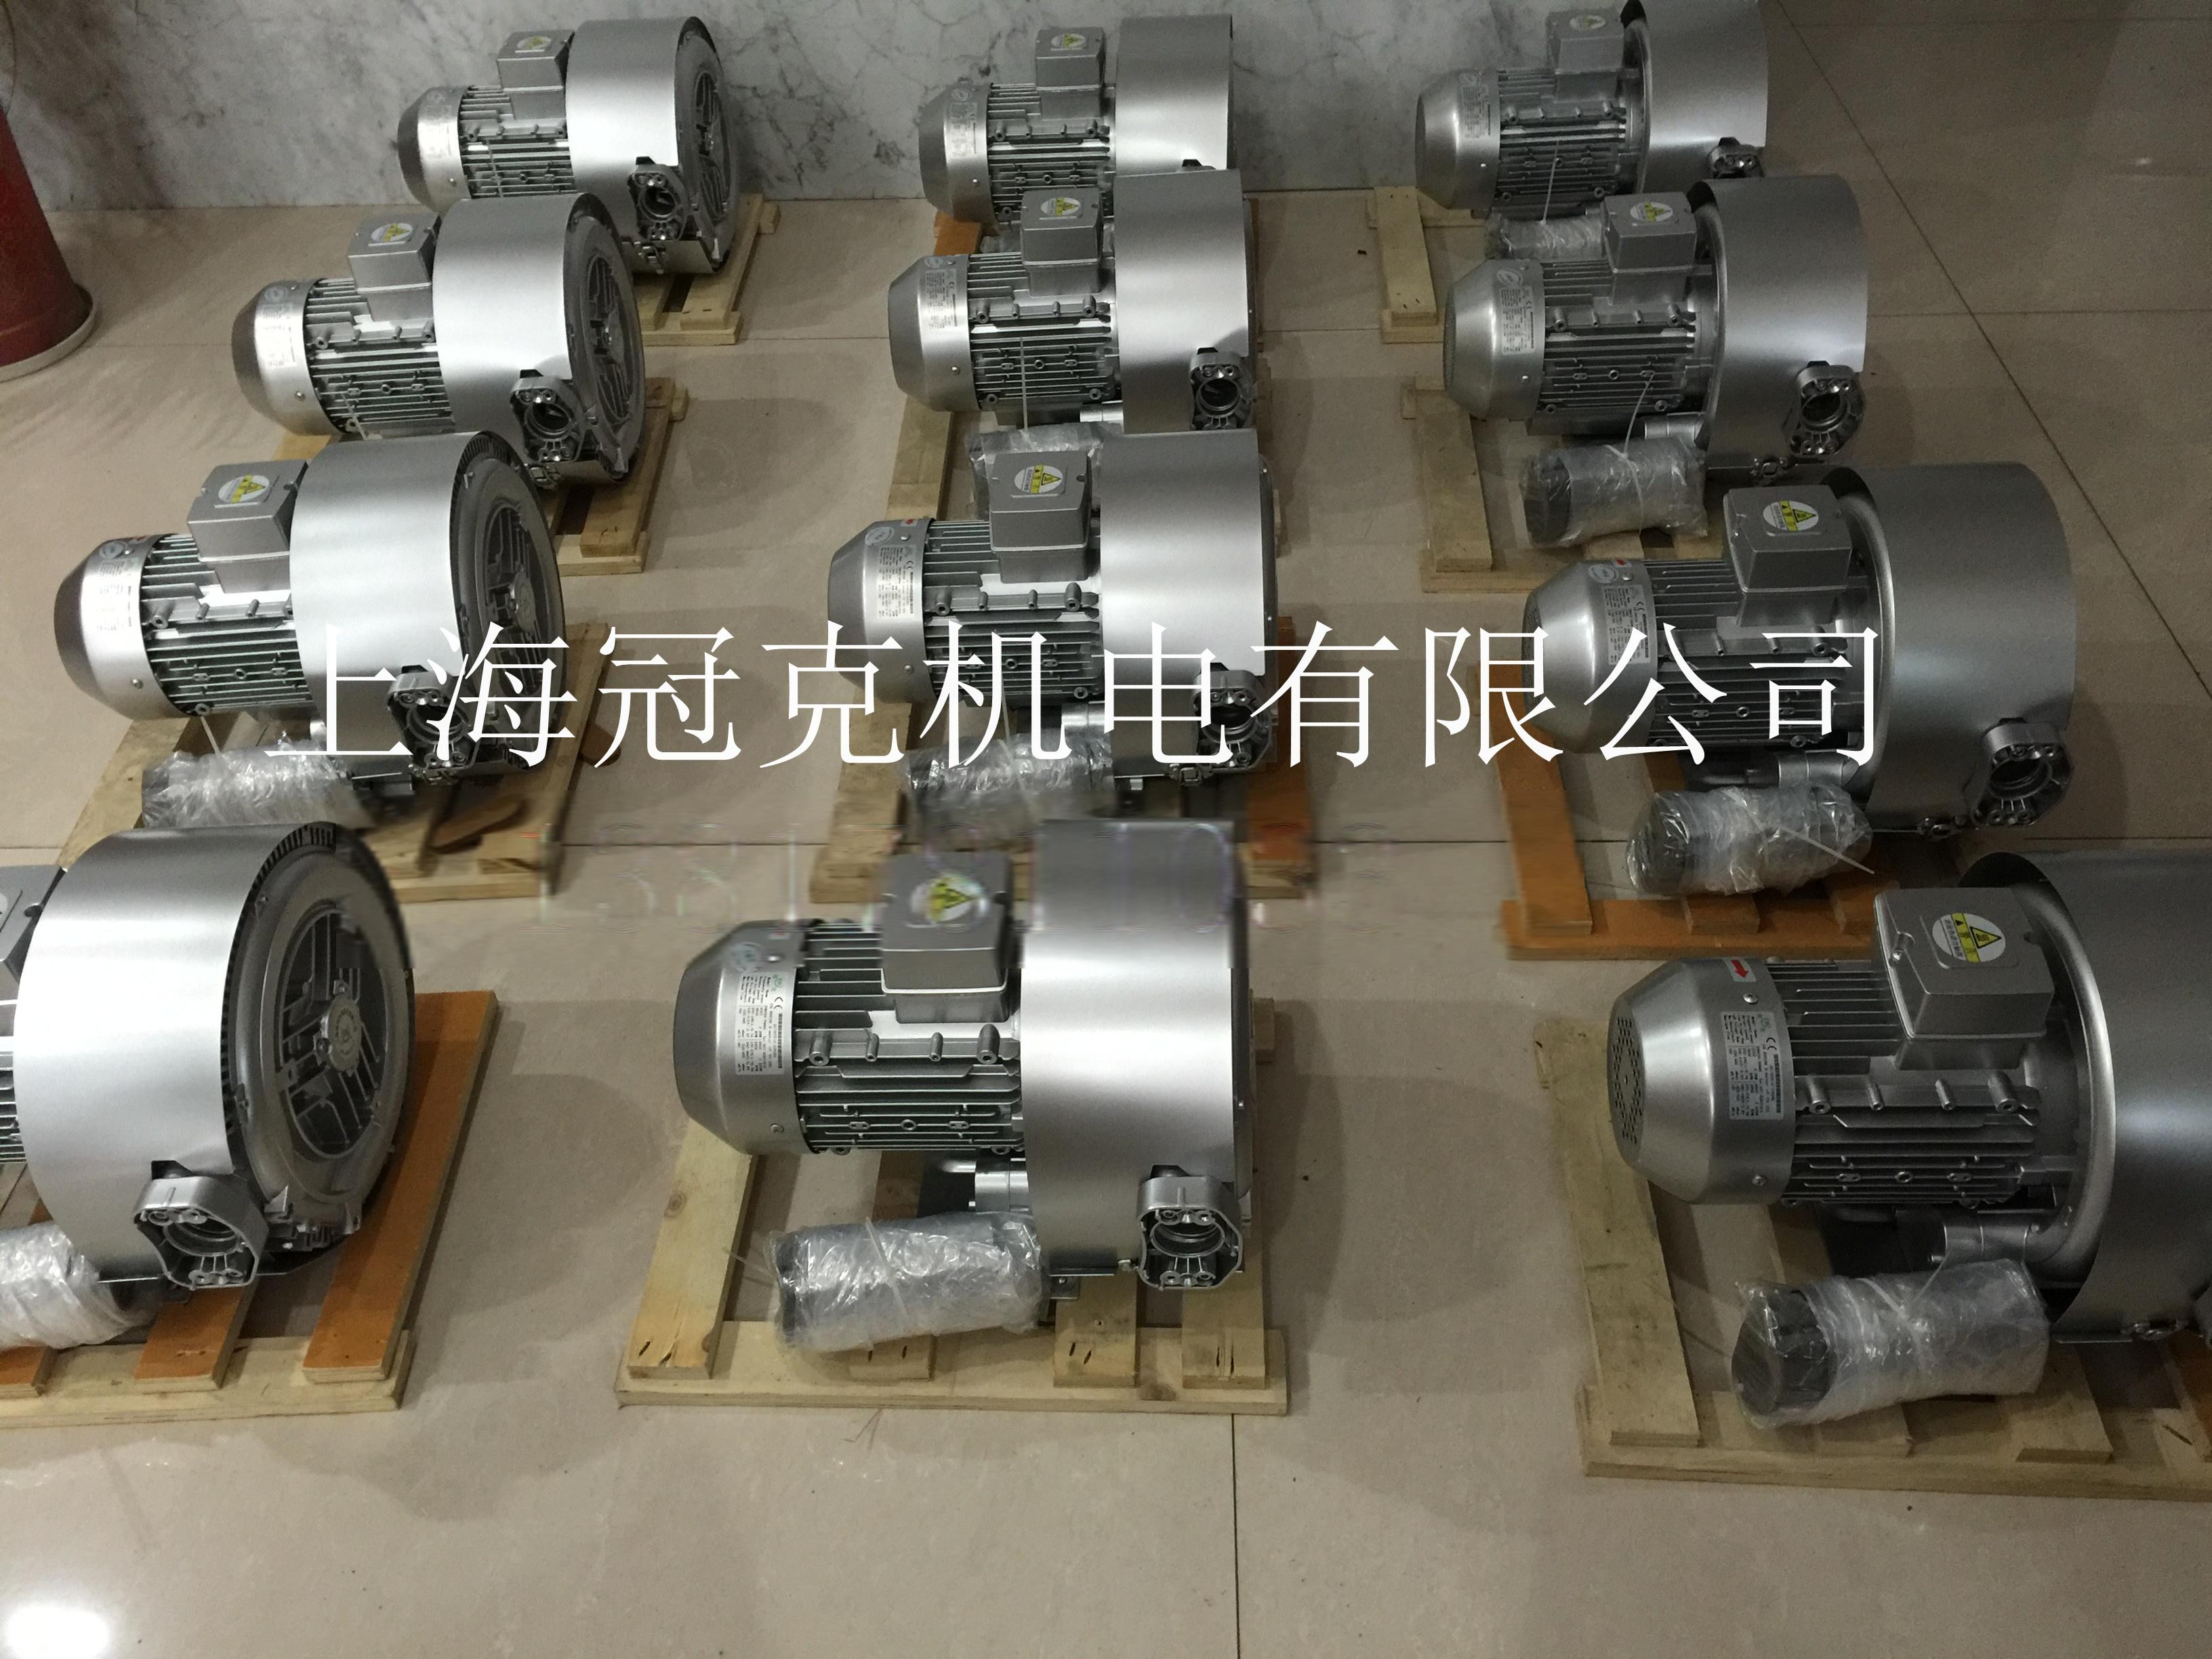 风贝克漩涡气泵57.jpg